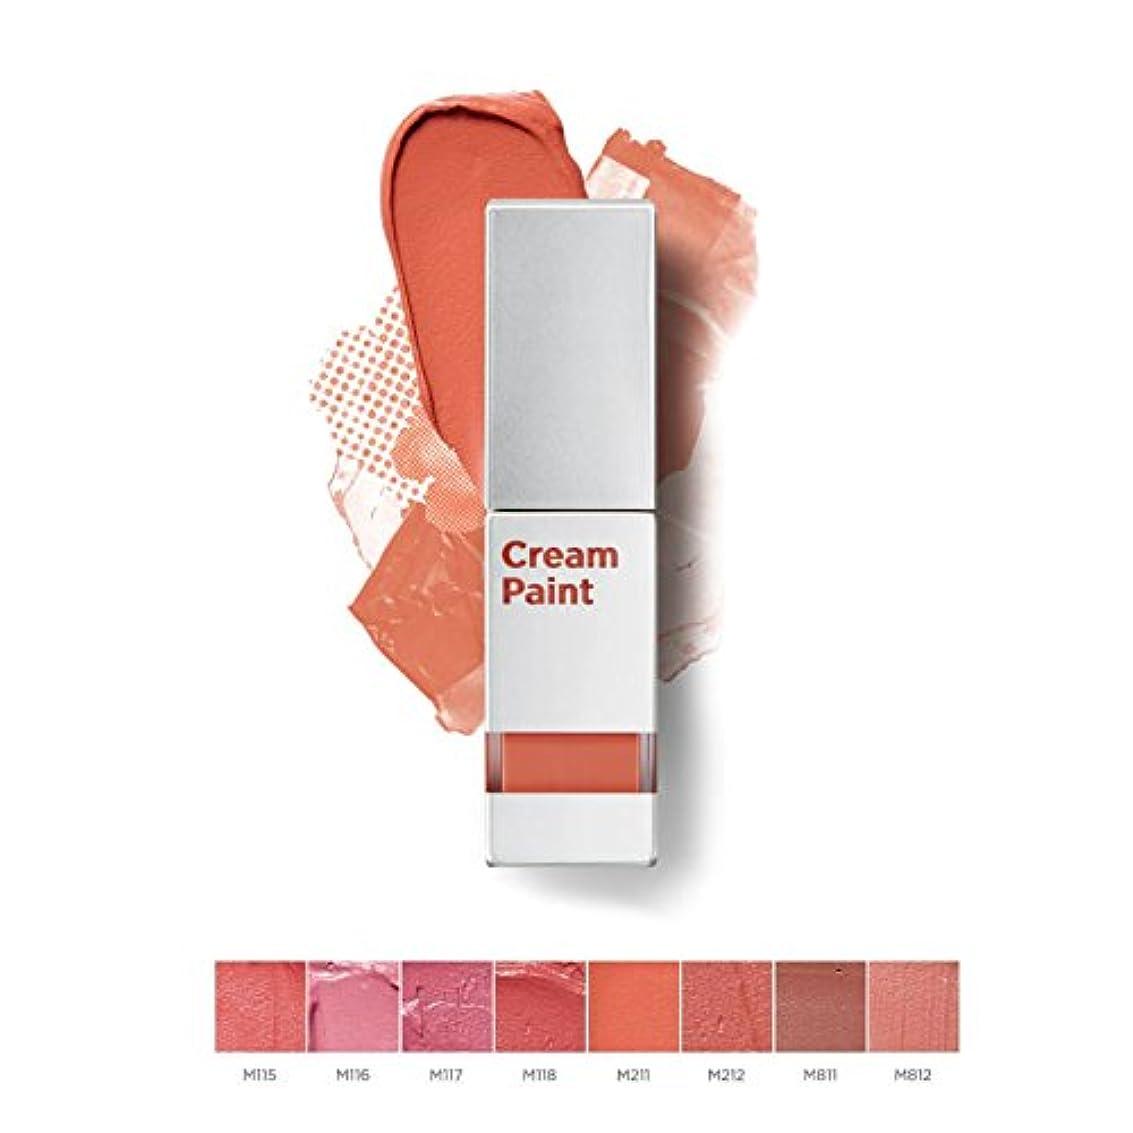 貸し手韓国語ミット【MOONSHOT x BLACKPINK】東洋人の肌の色によく似合うマットリップ?クリームペイントライトフィット (Cream Paint Lightfit) 全8色中択2色 / 正品?海外直送品 (M211. Orange Lily)